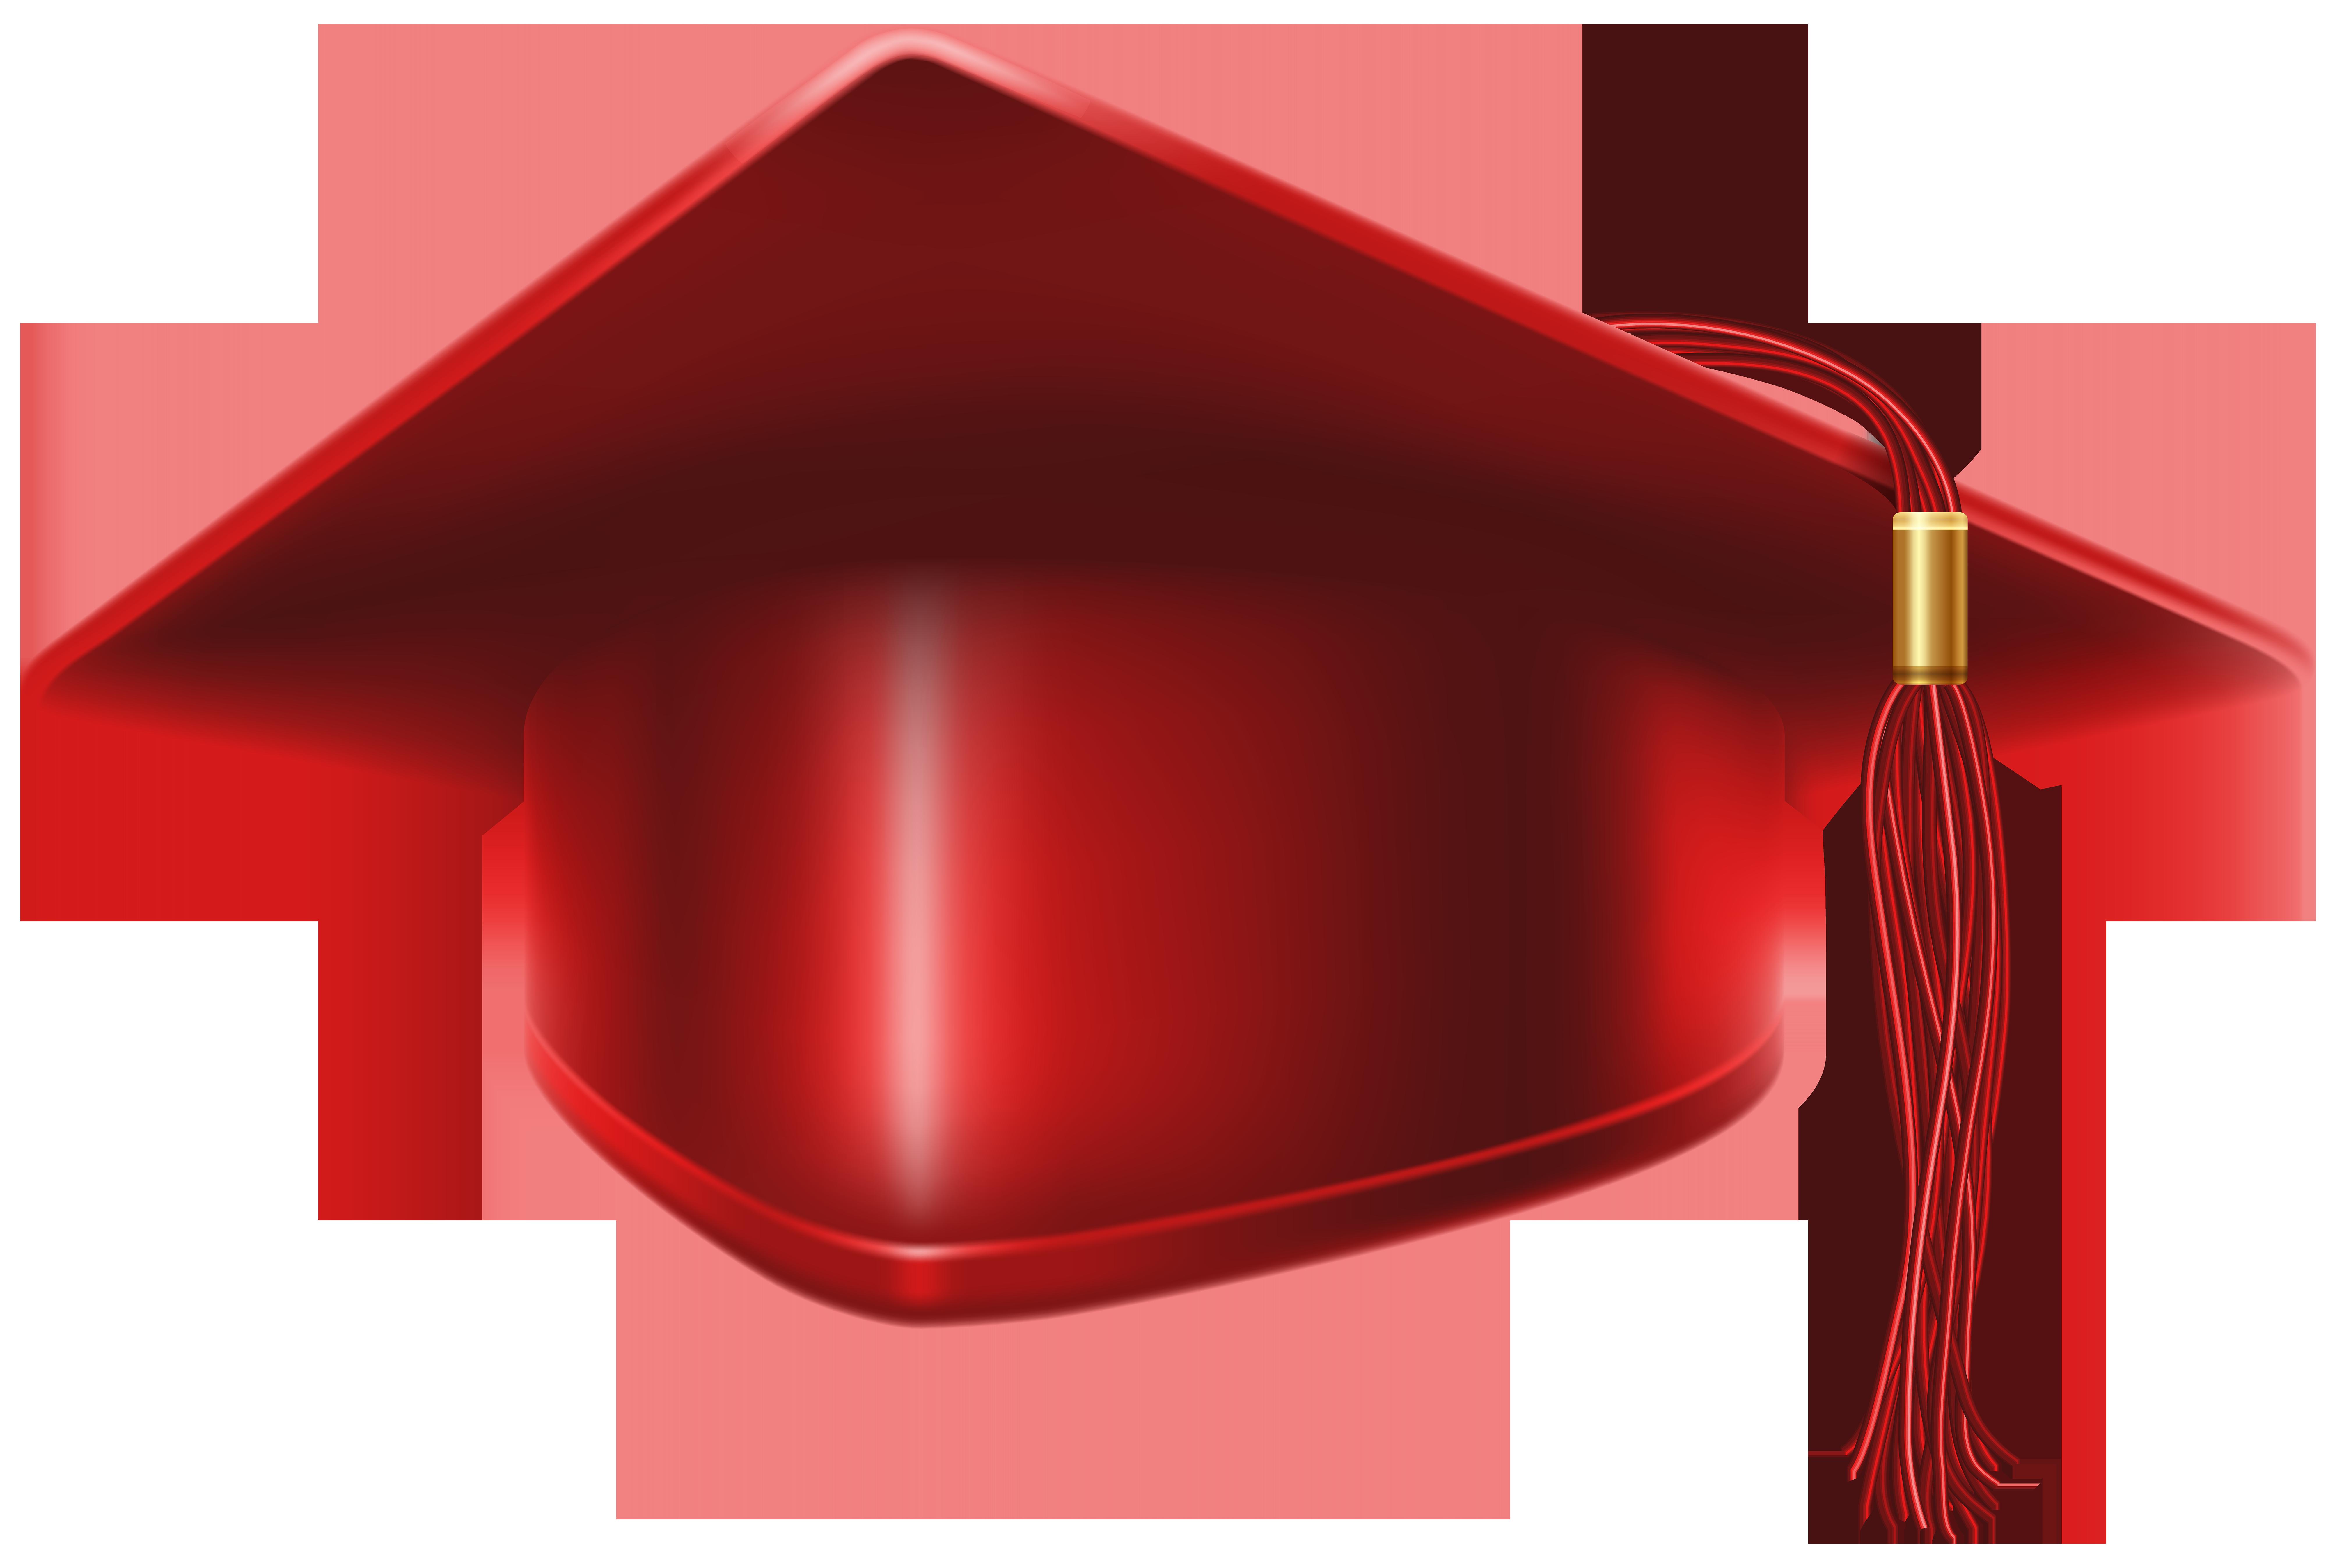 8000x5390 Red Graduation Cap Clip Art Image